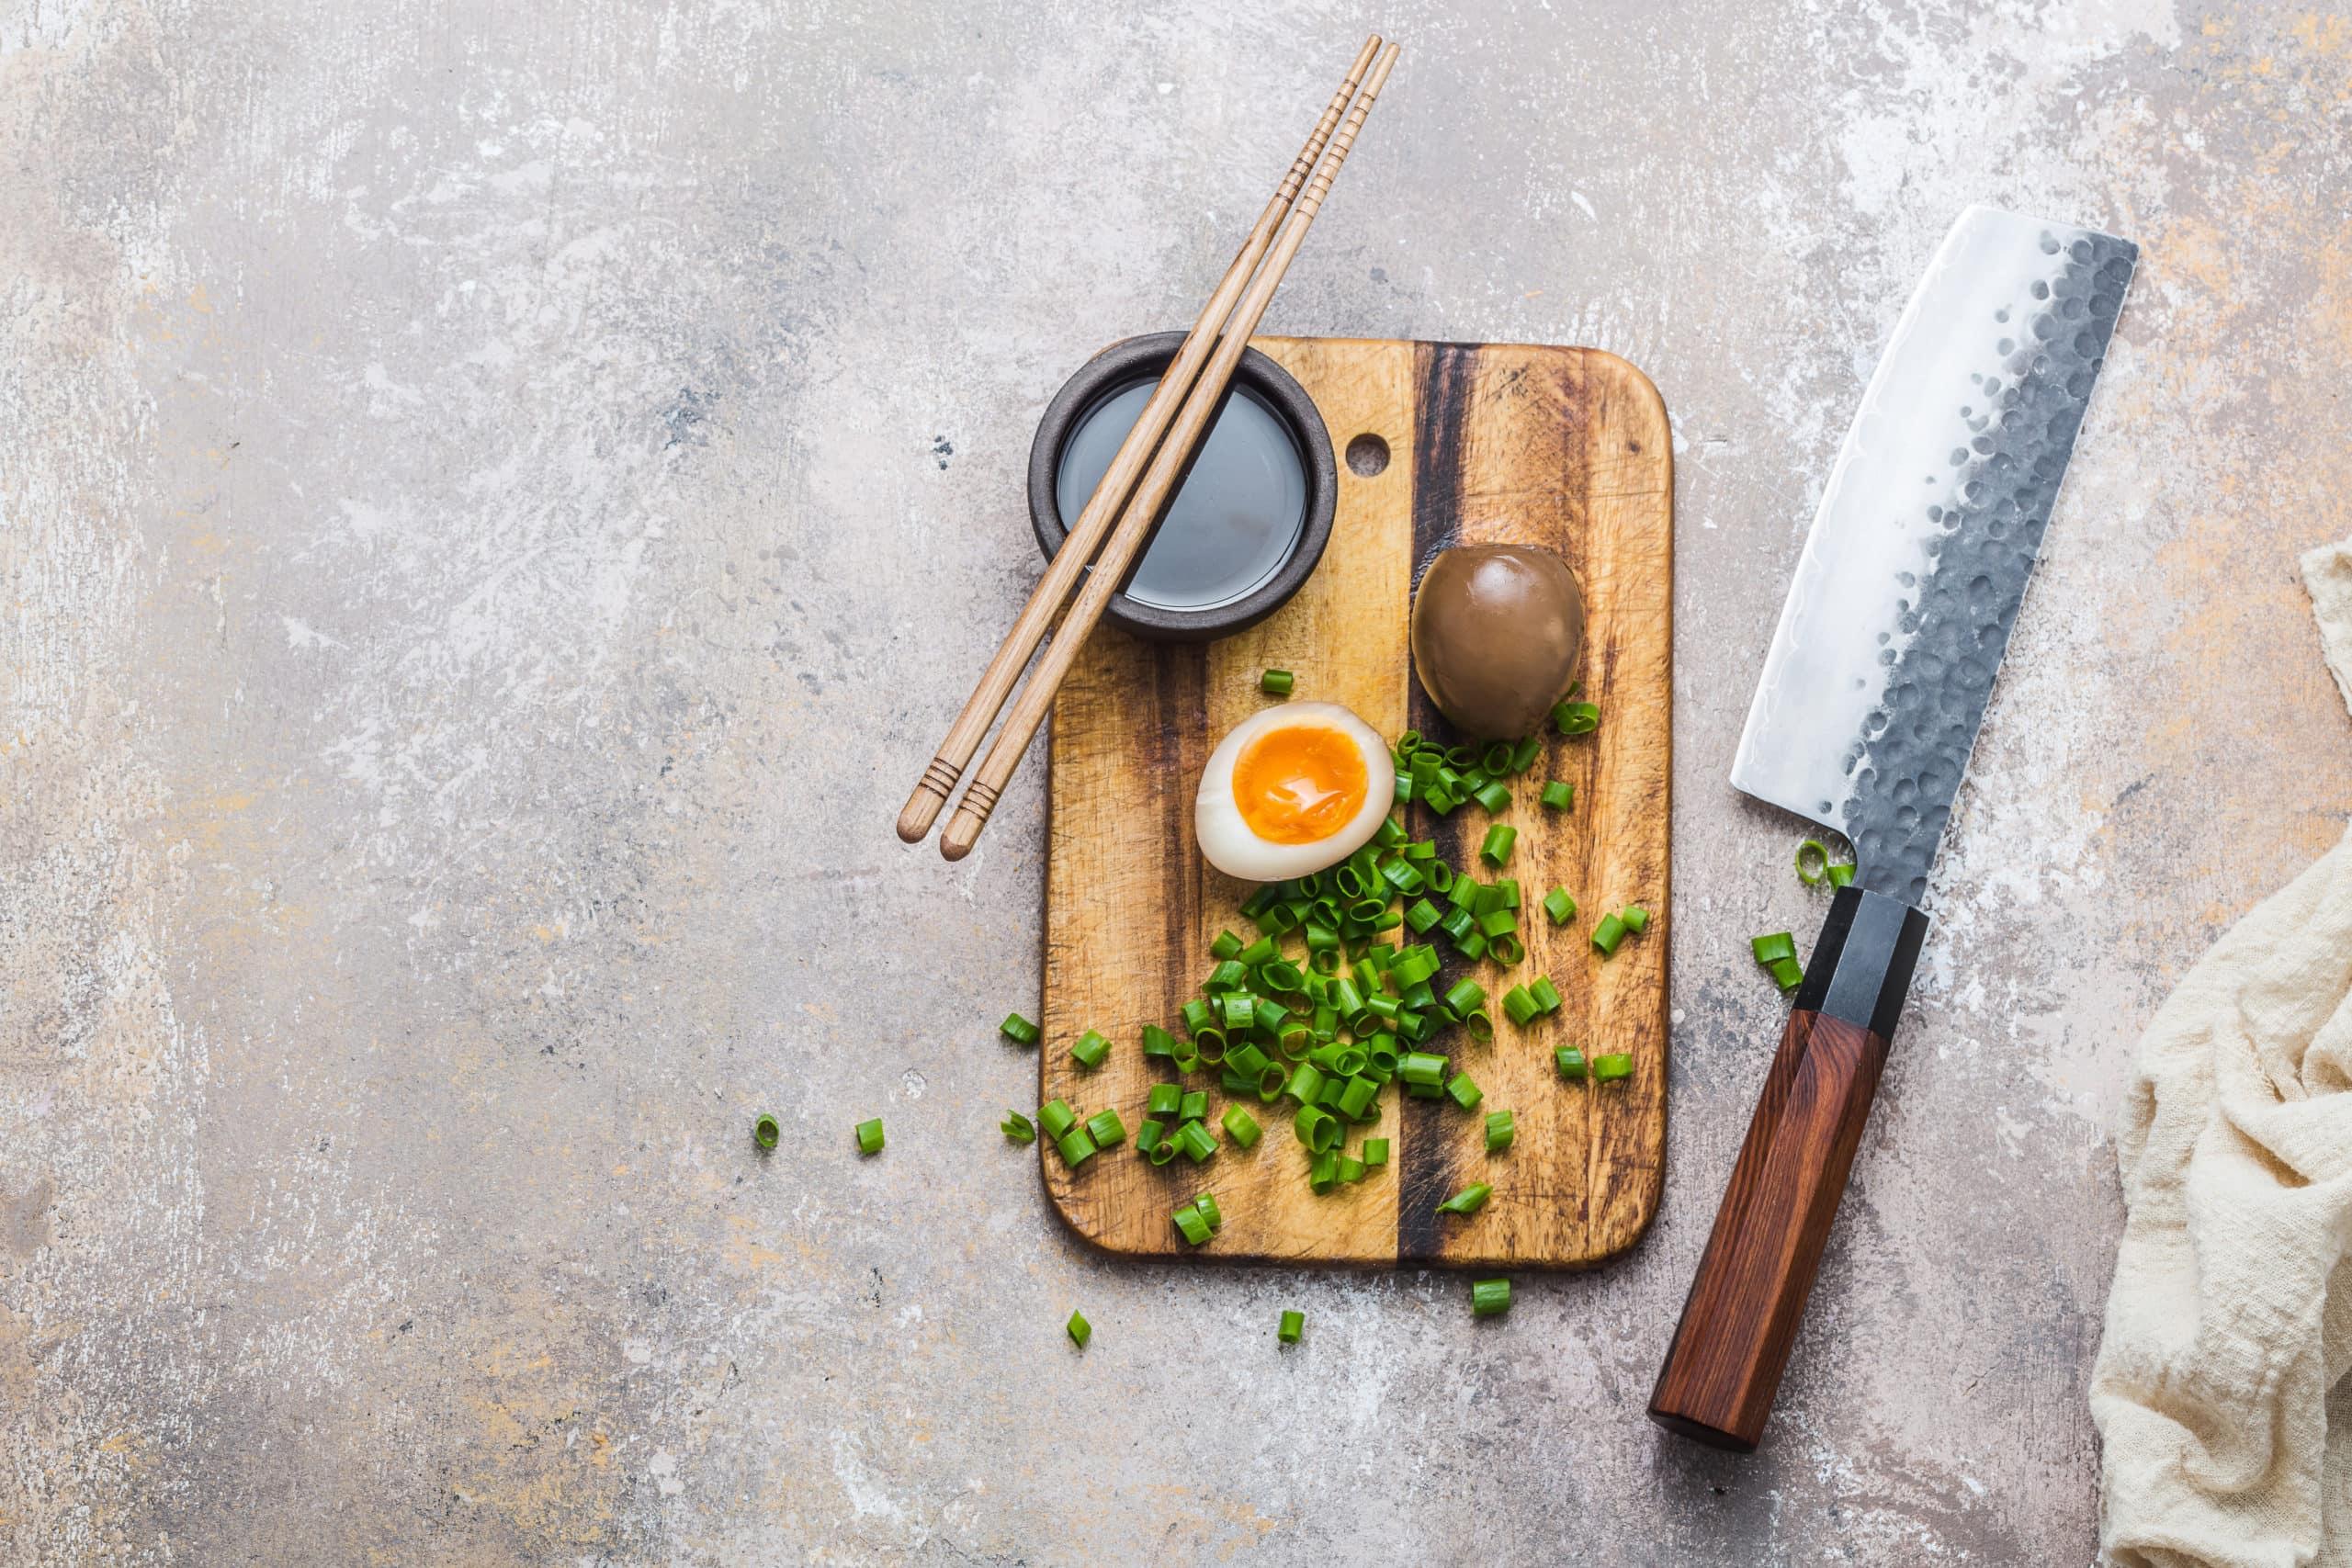 Marinated egg nitamago on cutting board, copy space.